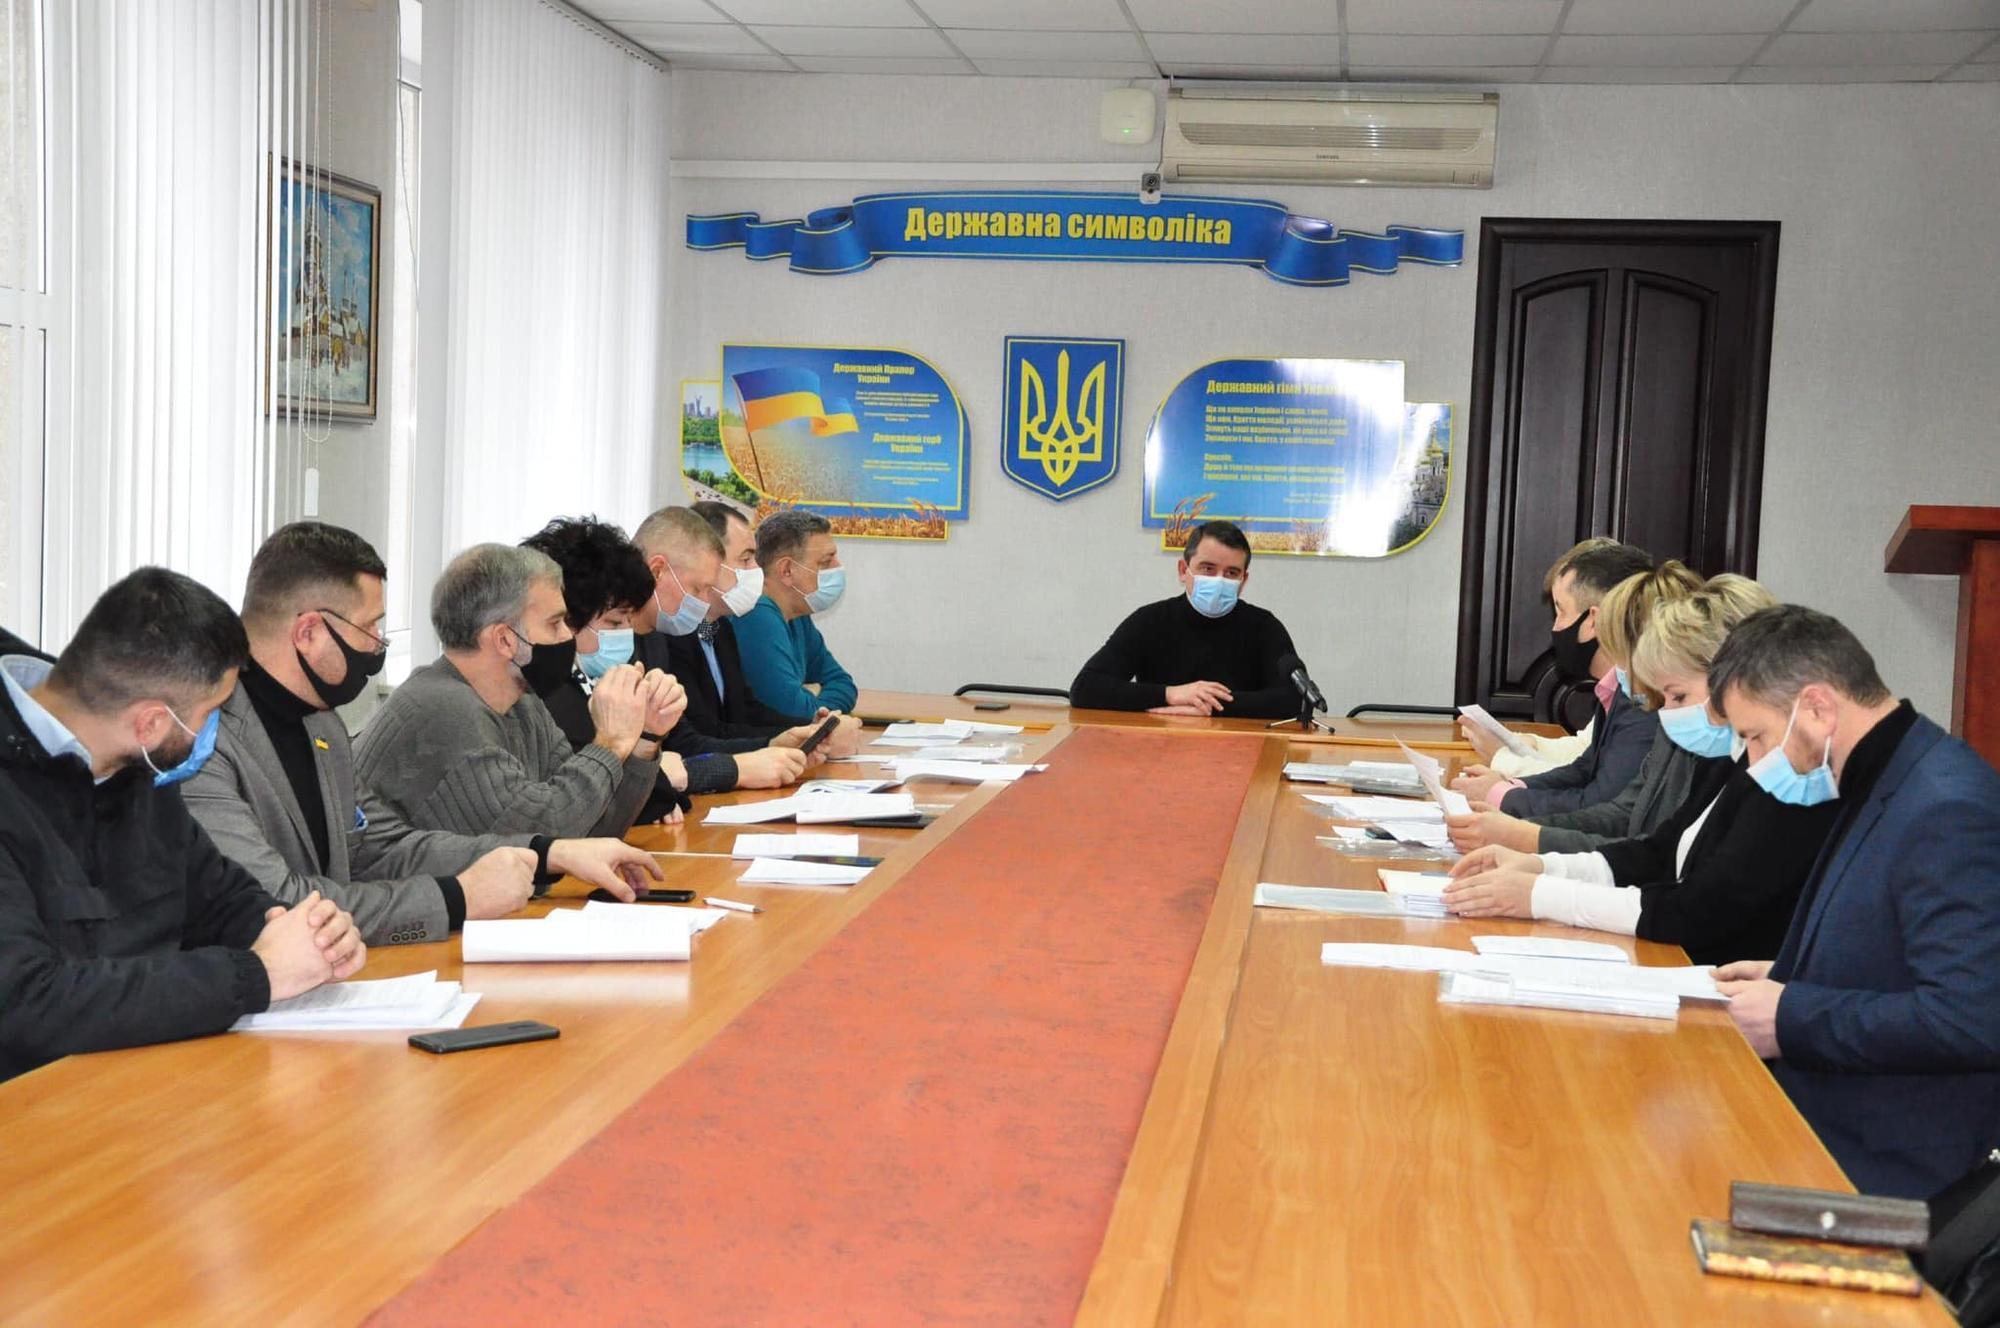 Депутати Слов'янської міськради та міський голова Вадим Лях провели засідання у масках